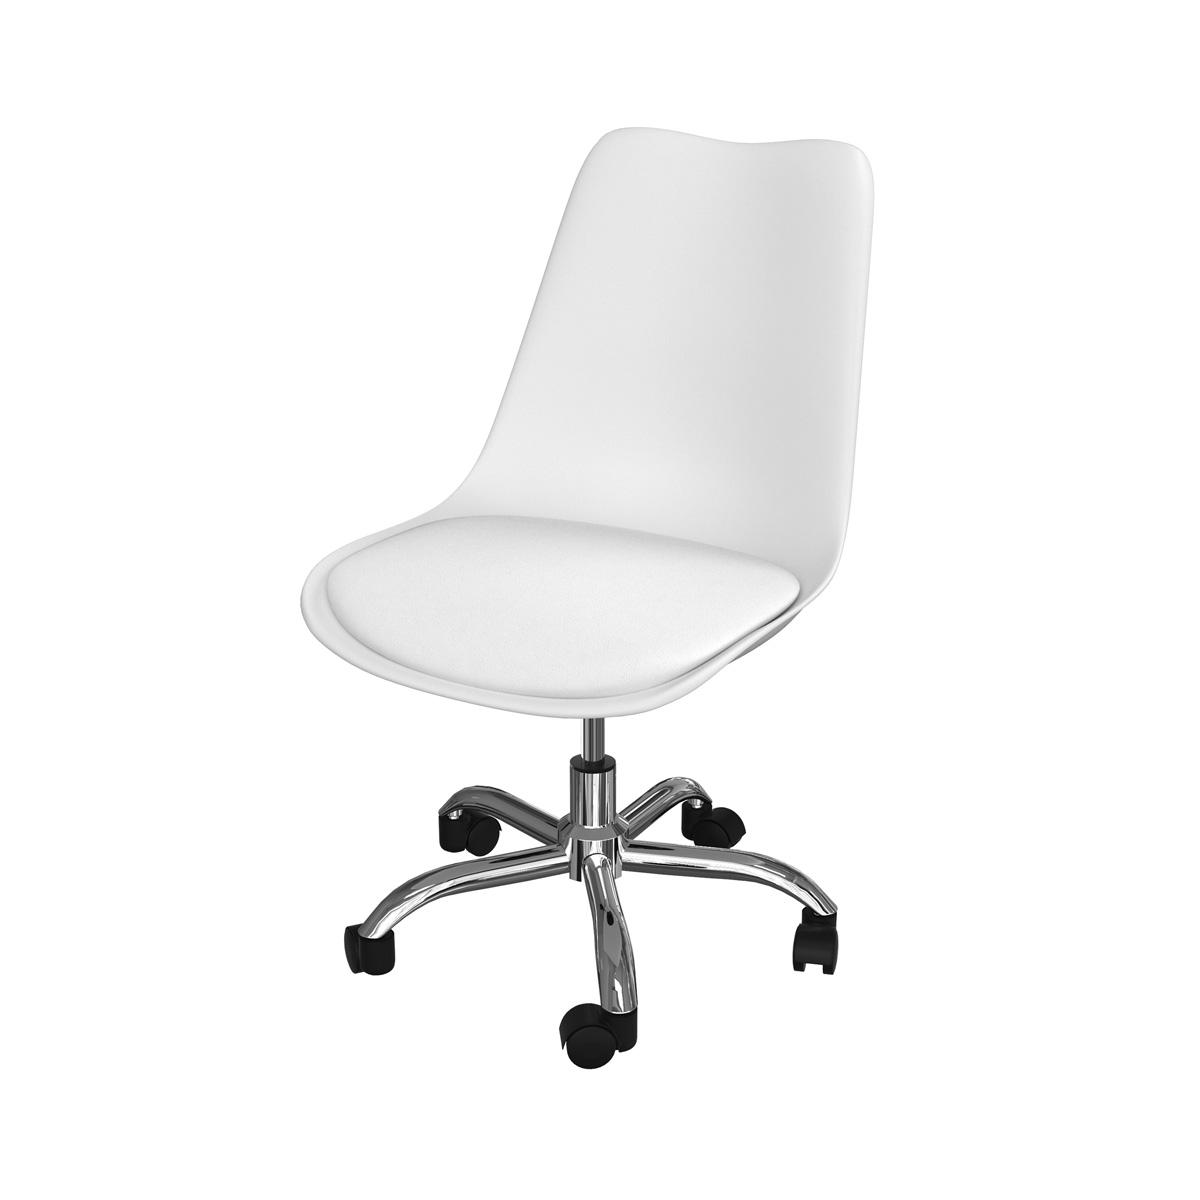 Chaise de bureau blanche sur roulette